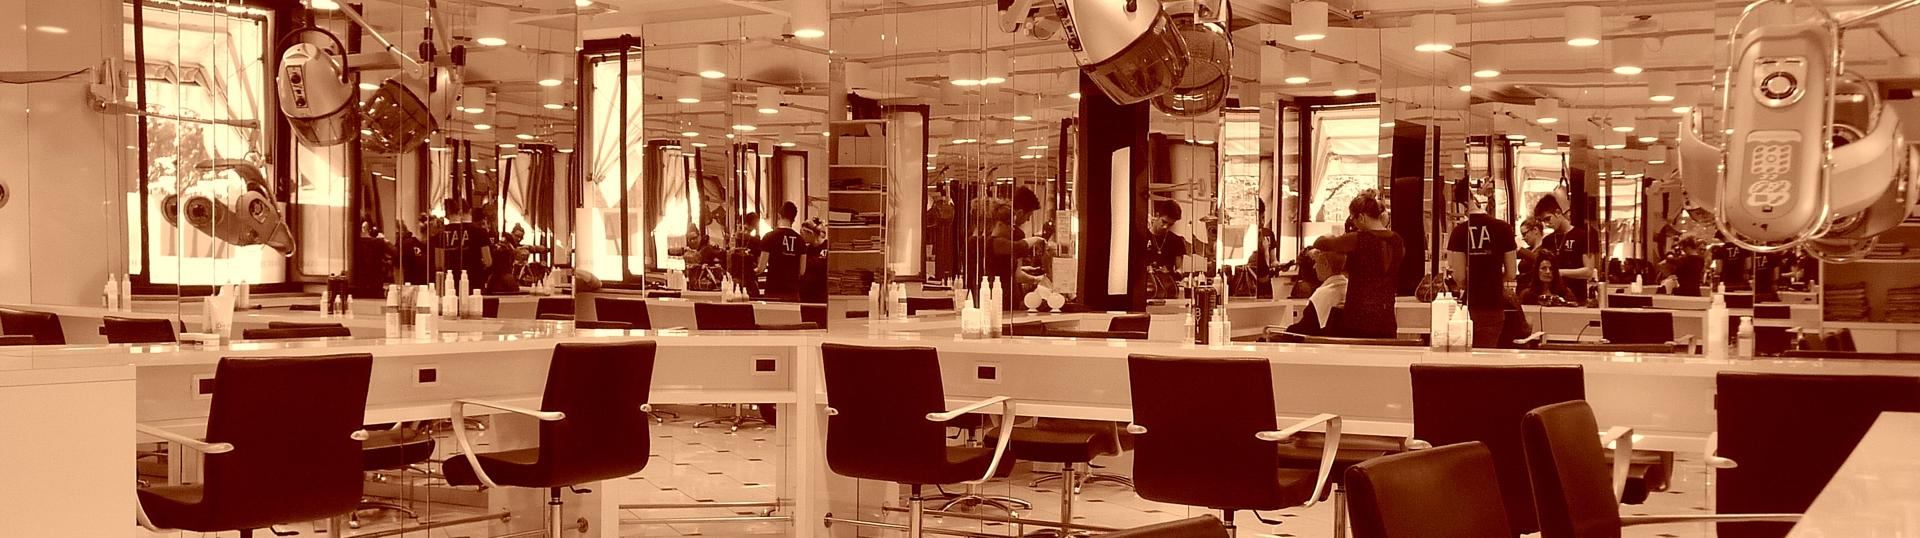 Salone per corsi parrucchieri a Torino